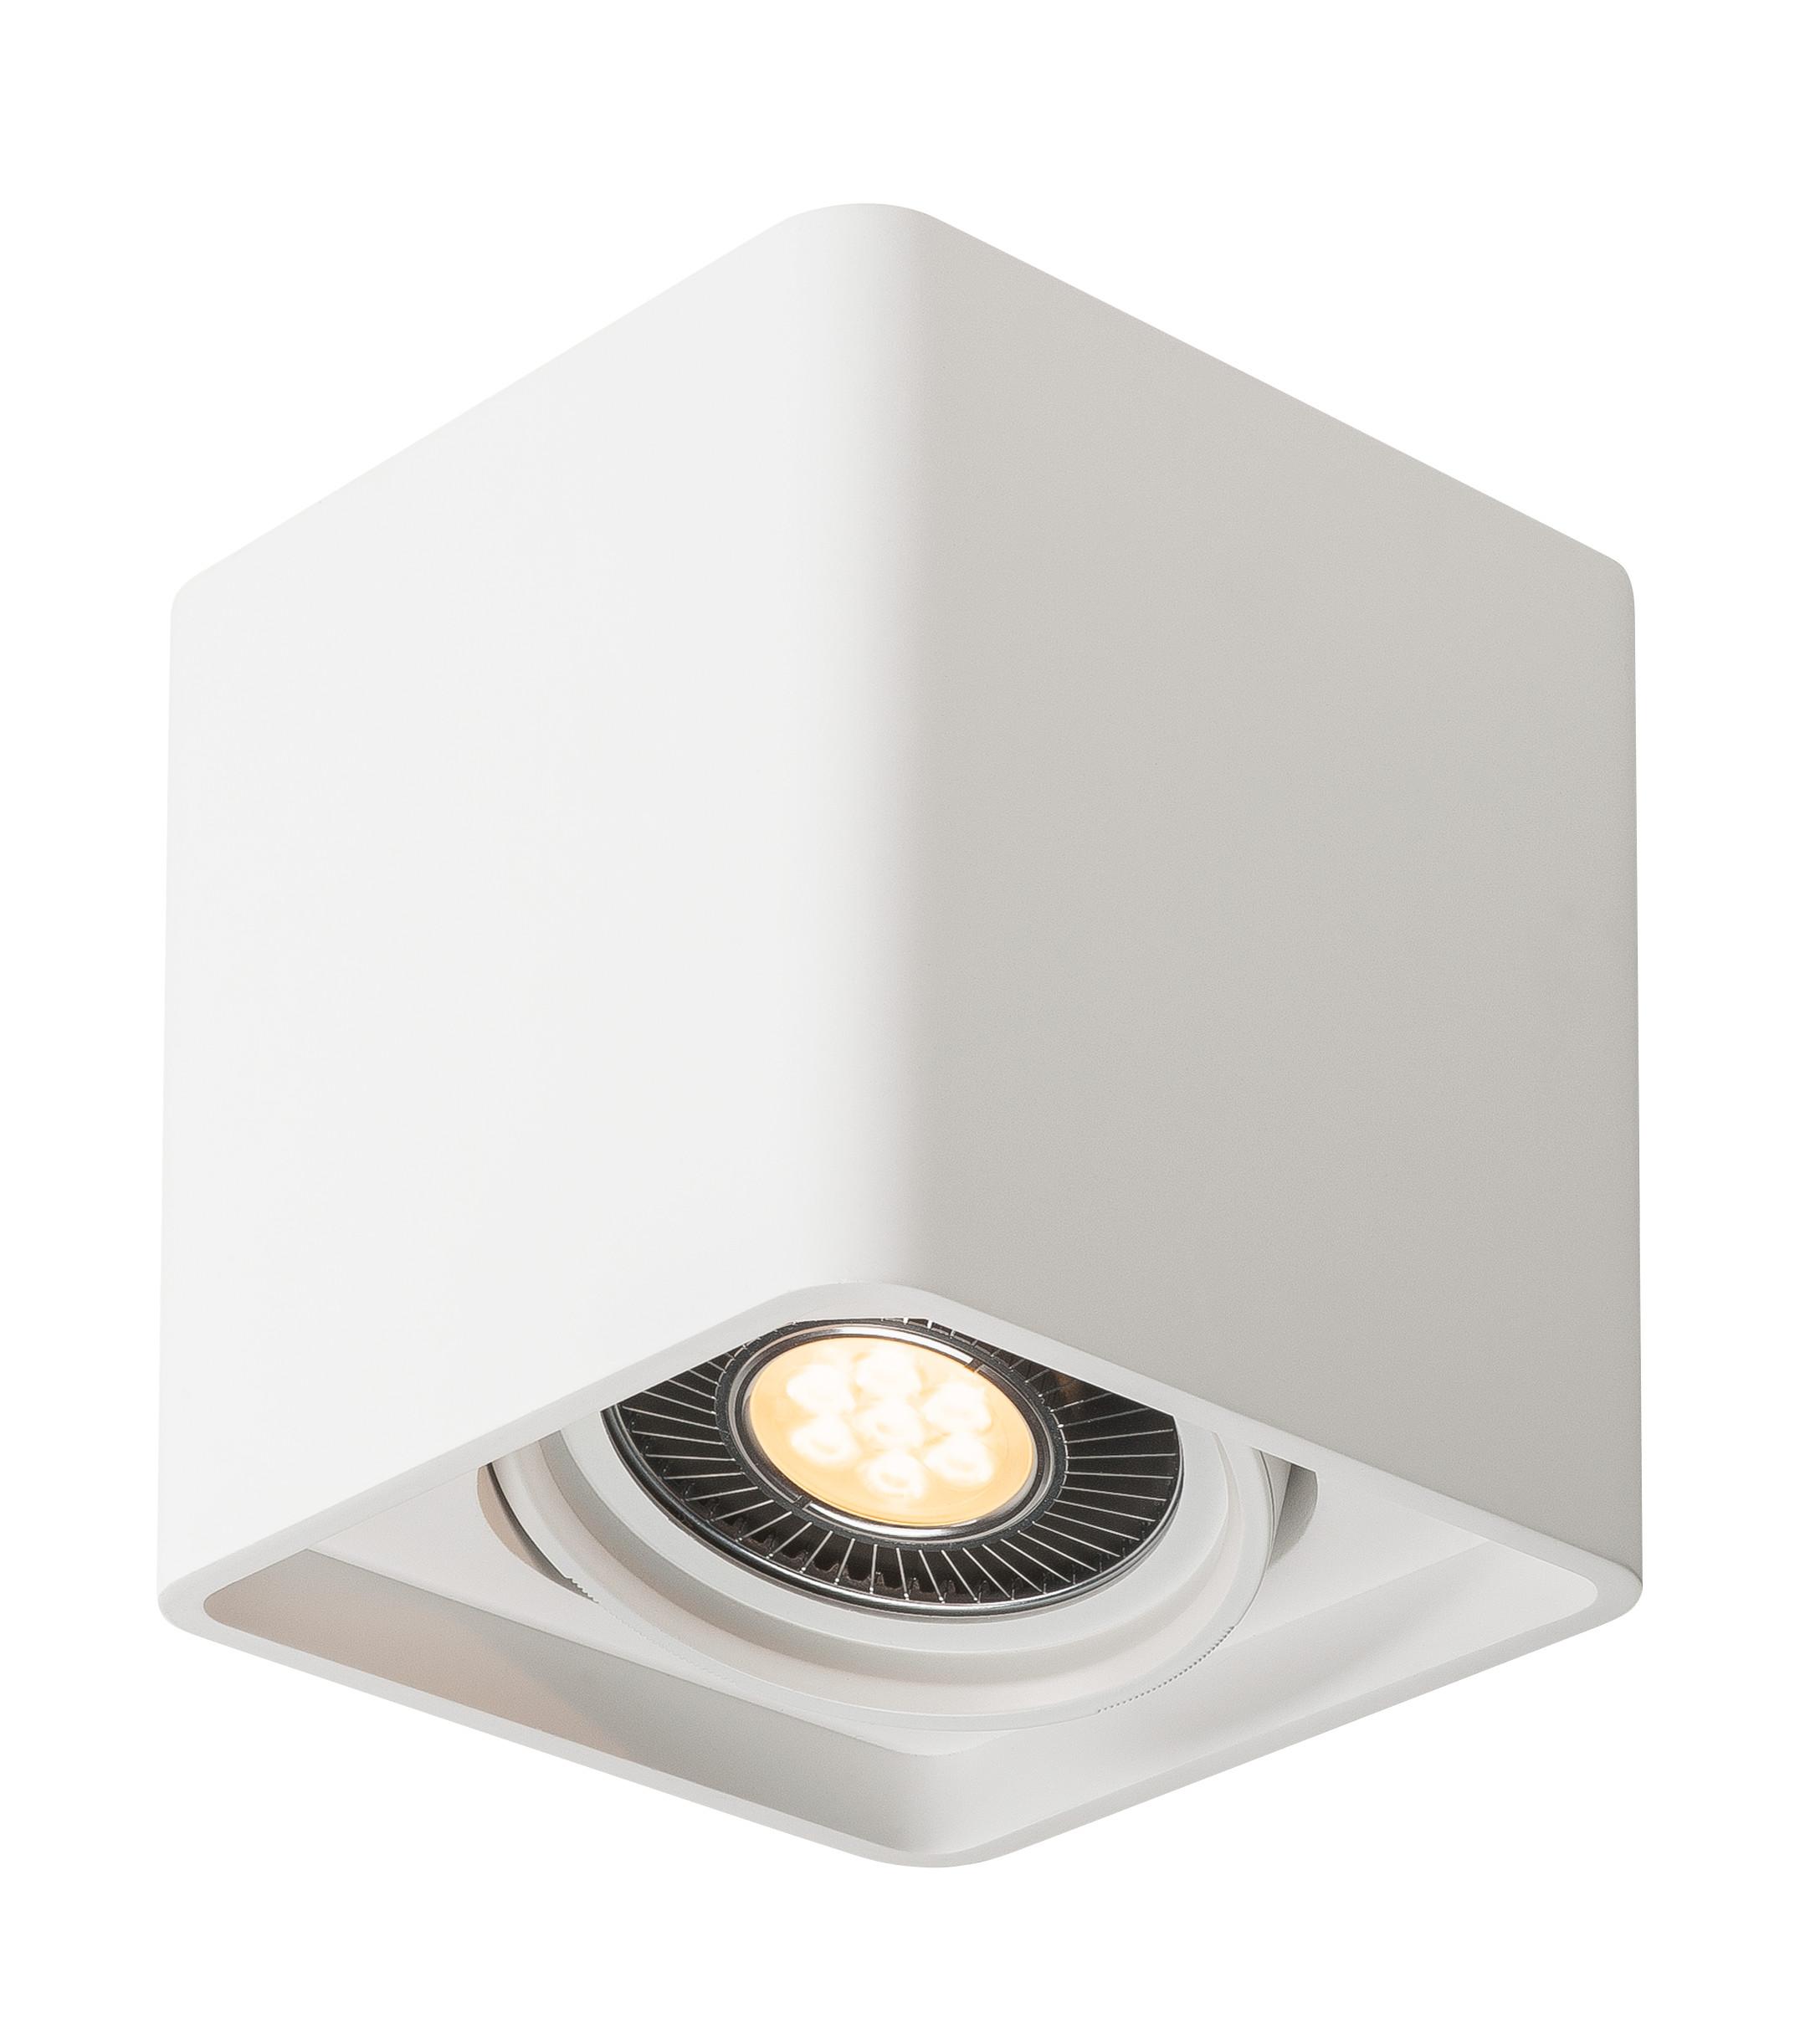 1 Stk PLASTRA, Deckenleuchte, einflammig, LED GU10 111mm, eckig LI148081--